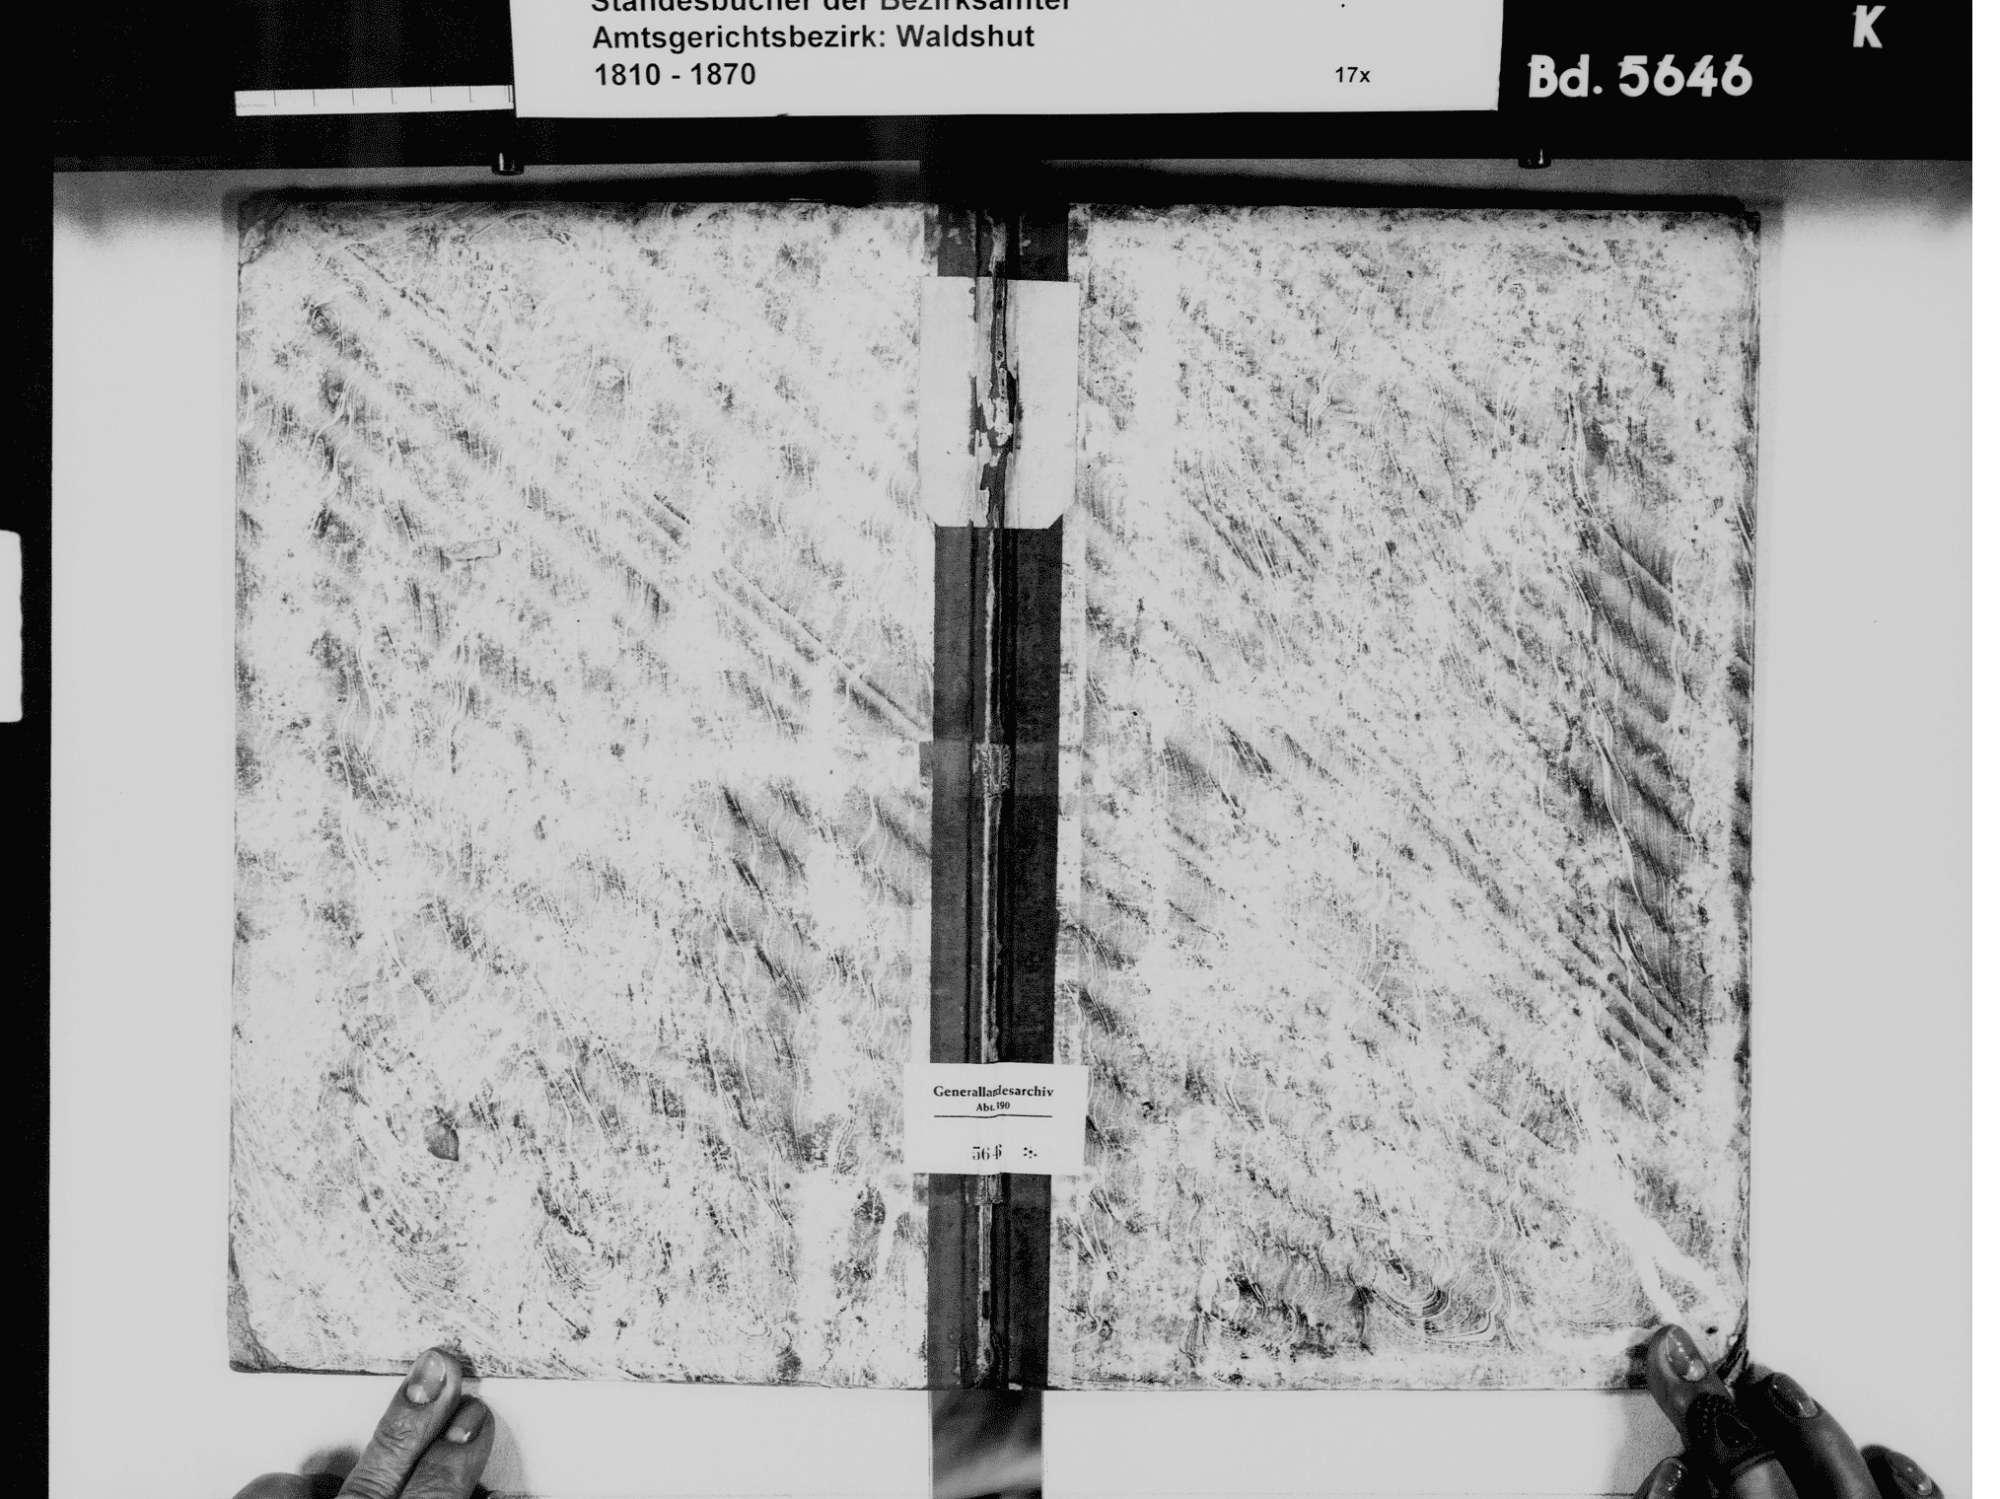 Berwangen, Dettighofen LÖ; Katholische Gemeinde: Geburtenbuch 1867-1869 Berwangen, Dettighofen LÖ; Katholische Gemeinde: Heiratsbuch 1867-1869 Berwangen, Dettighofen LÖ; Katholische Gemeinde: Sterbebuch 1867-1869, Bild 2